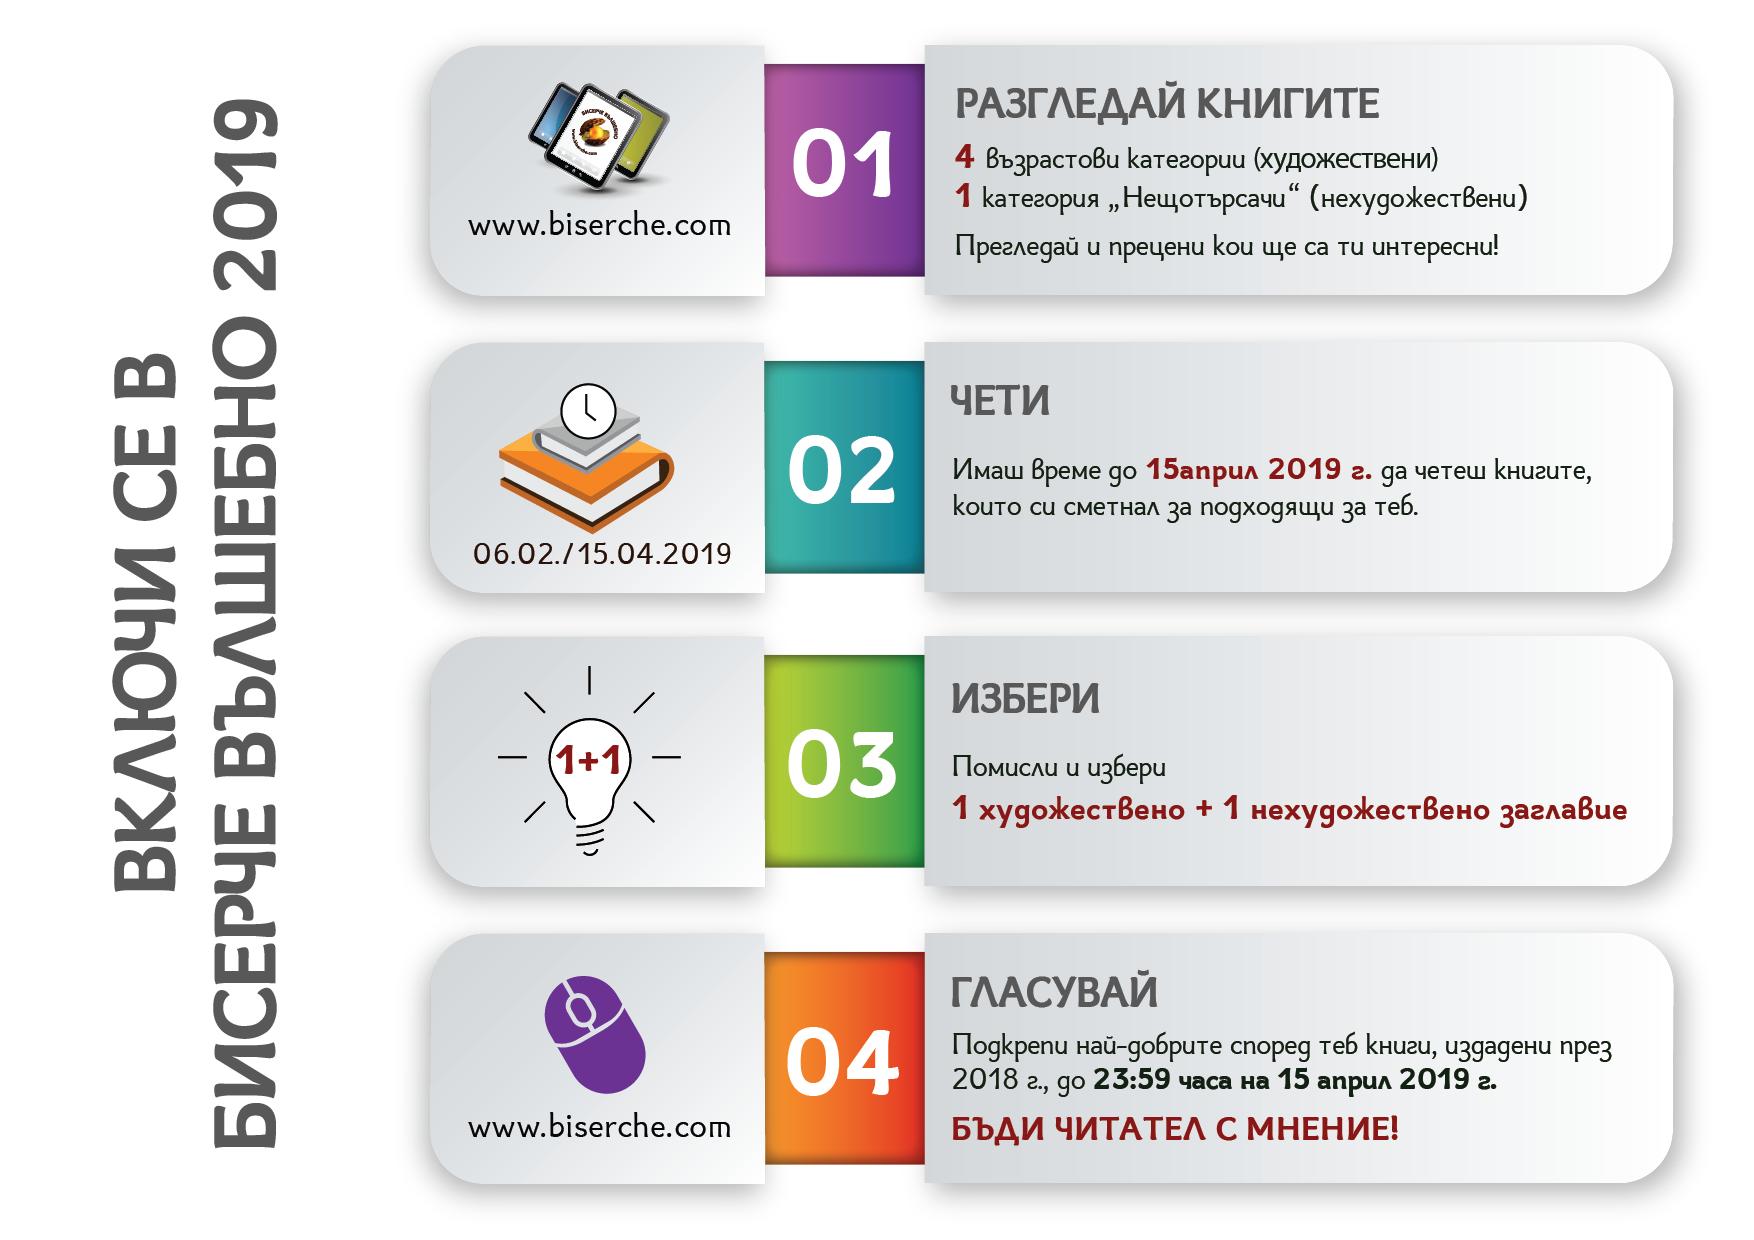 Participation steps - Biserche 2019 - A4-01